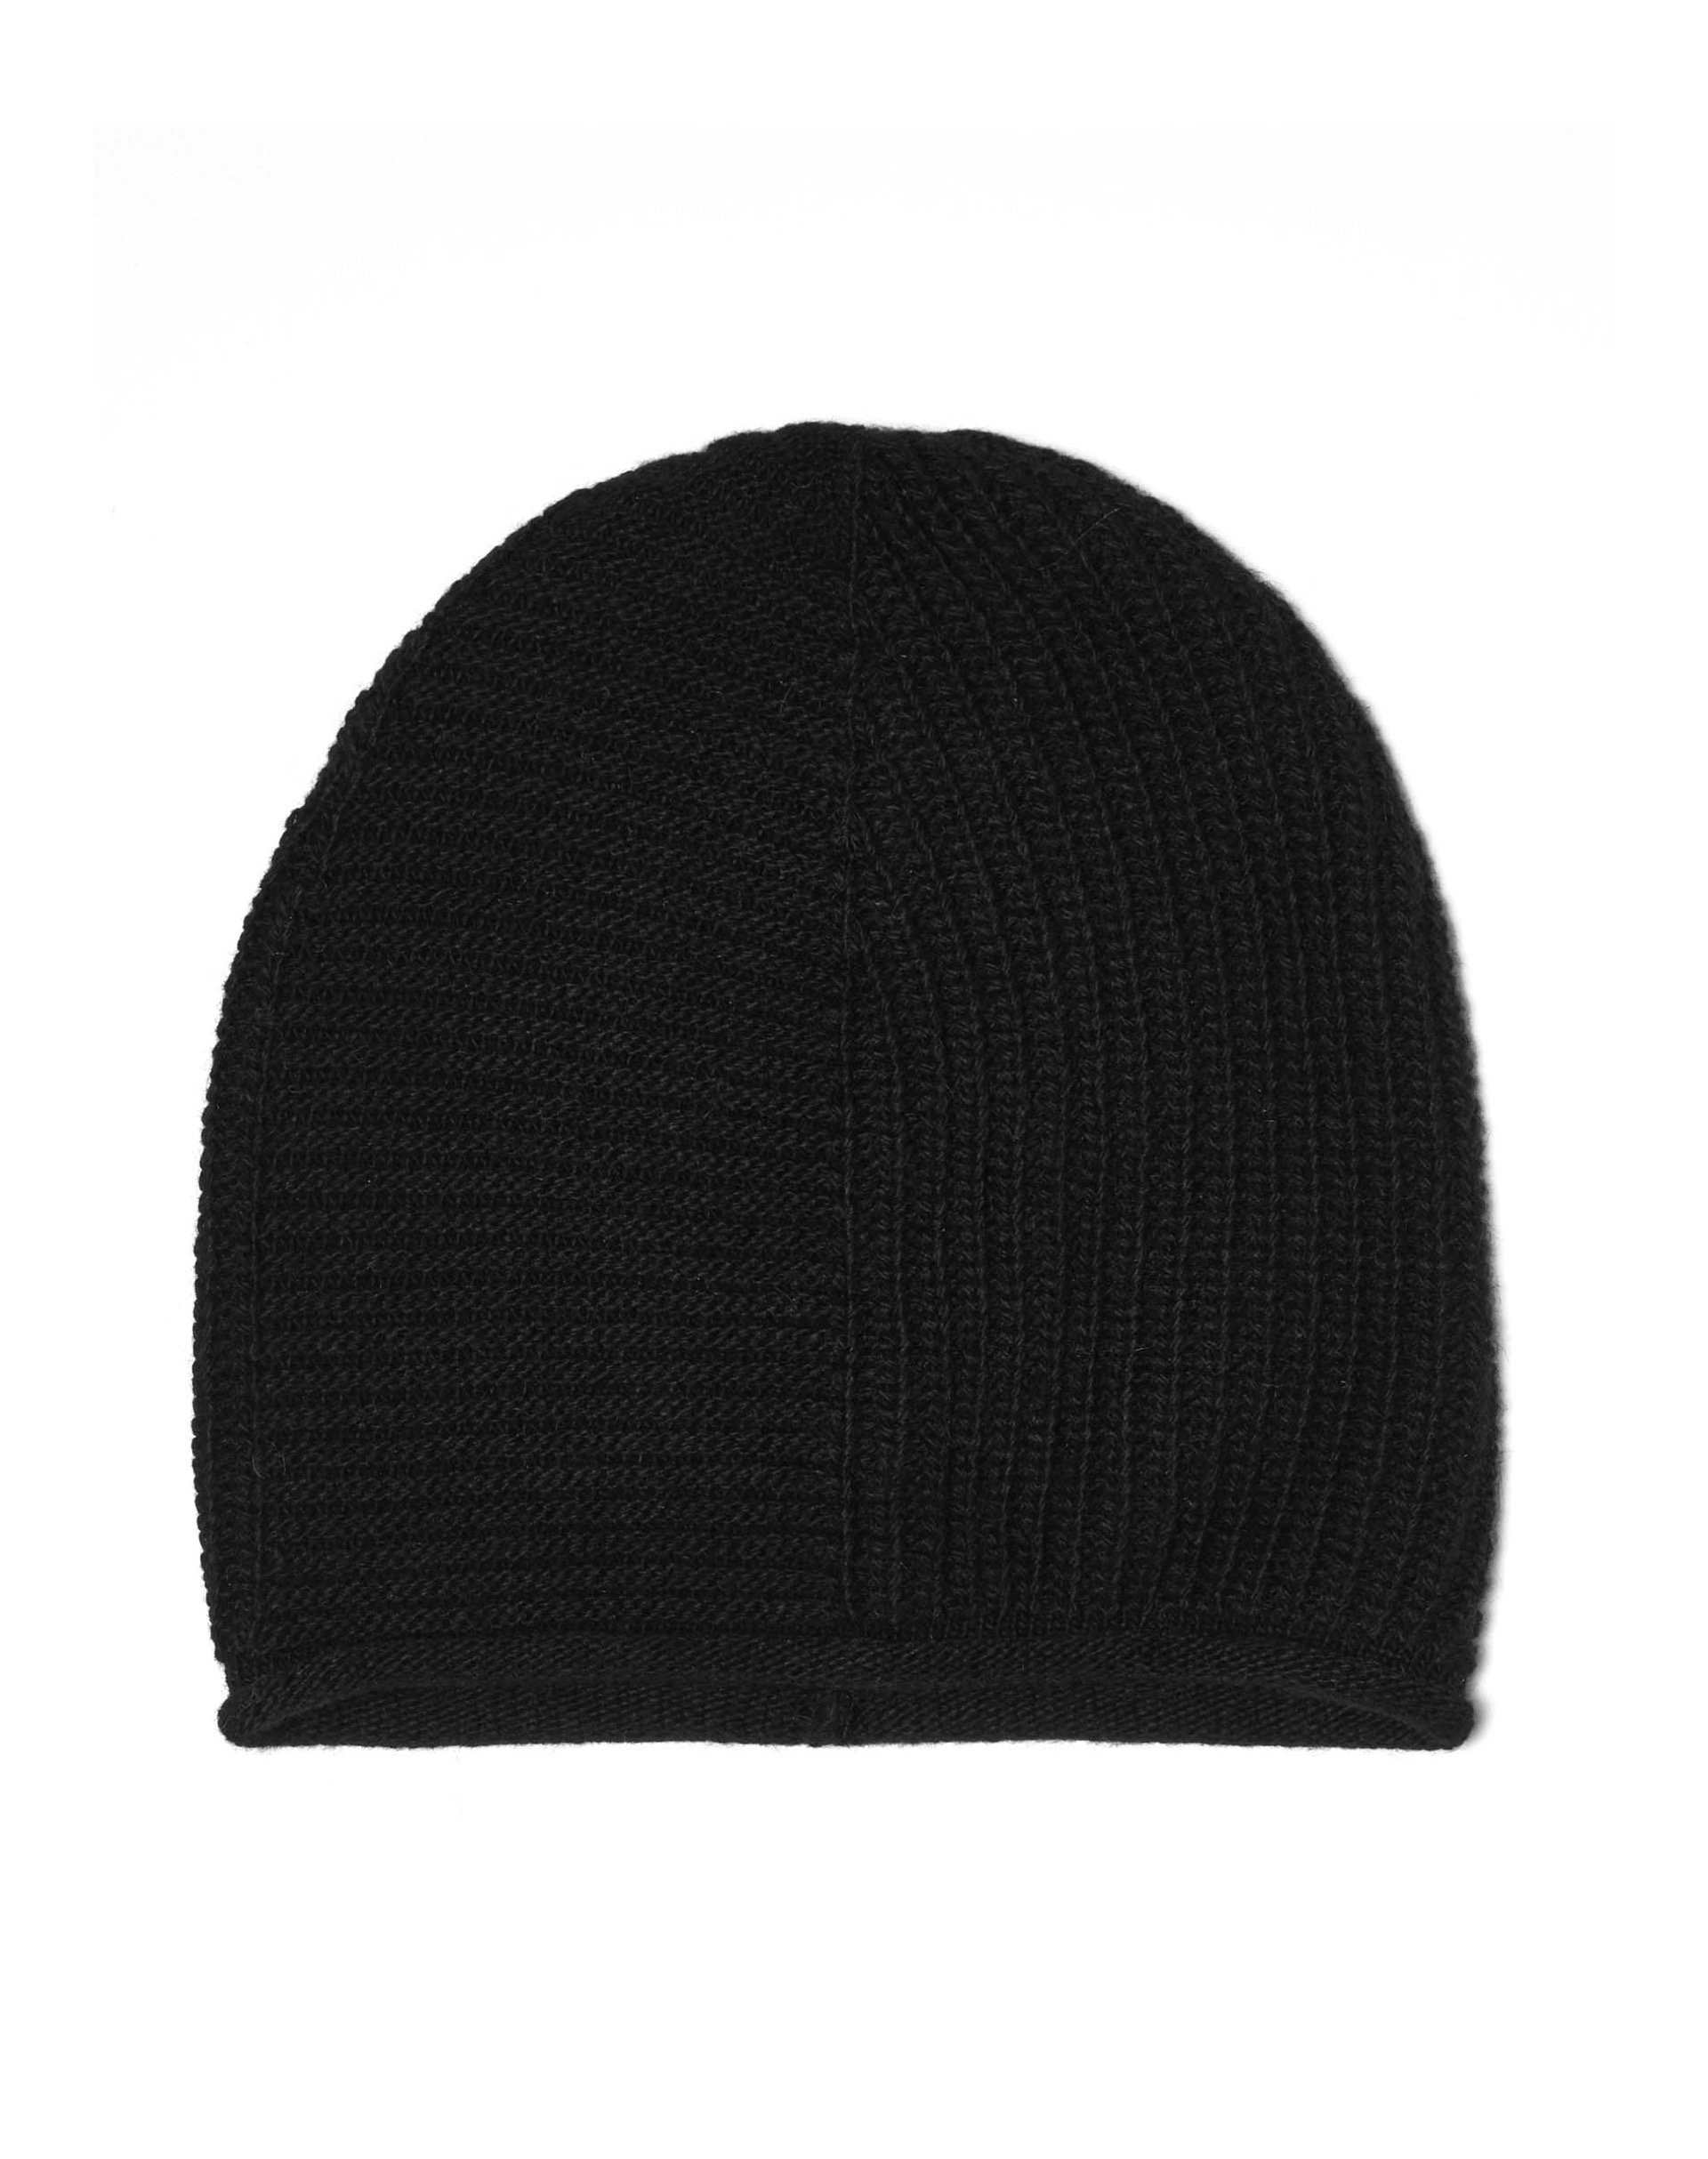 ШапкаГоловные уборы<br>Универсальная шапка бини выполнена из мягкой пряжи с шерстью.<br>Цвет: Черный; Размер: OS;